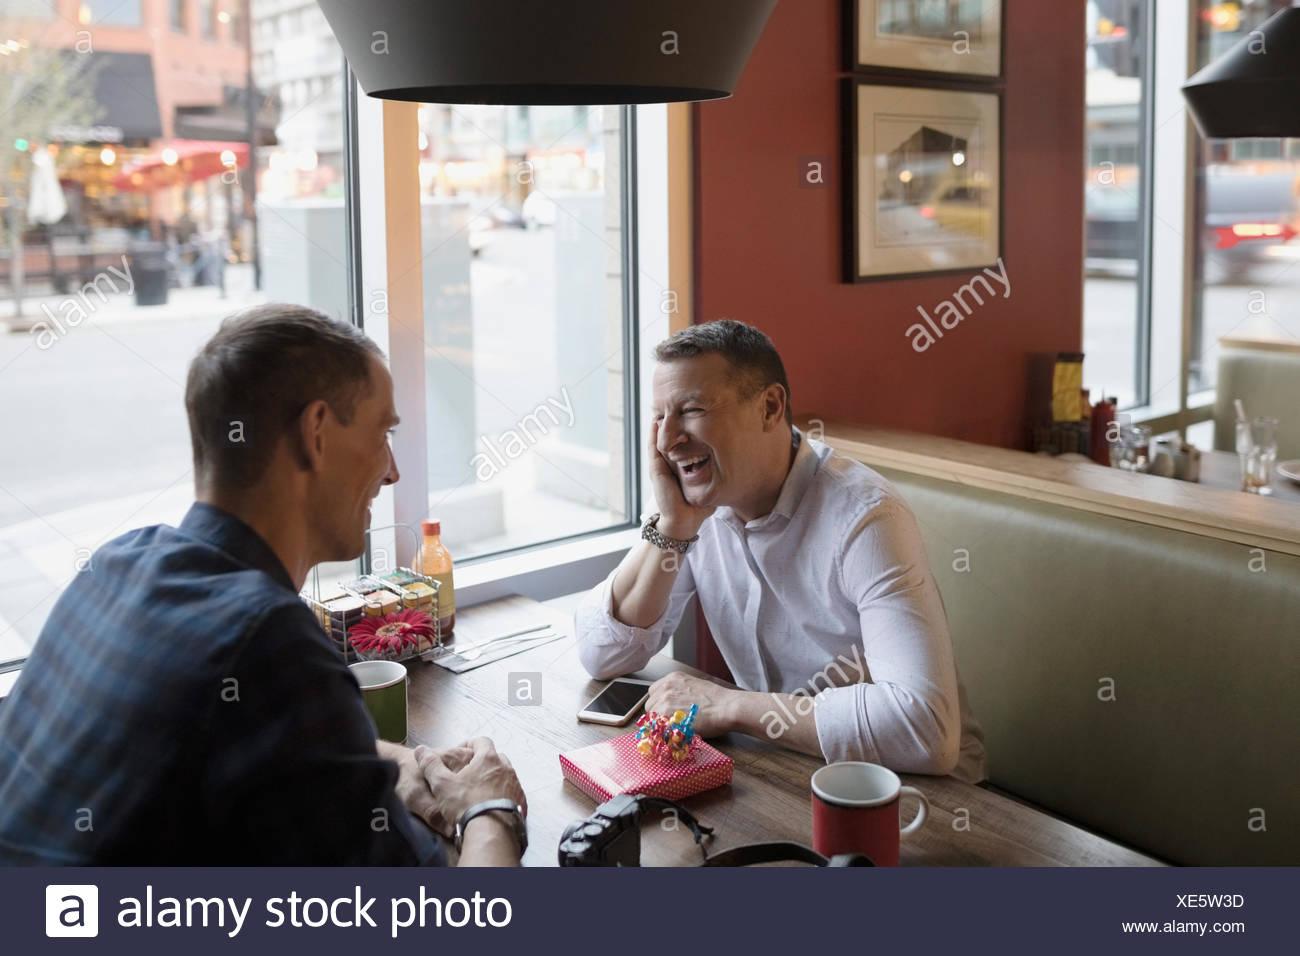 Maschio sorridente coppia gay festeggia il compleanno a diner booth Immagini Stock